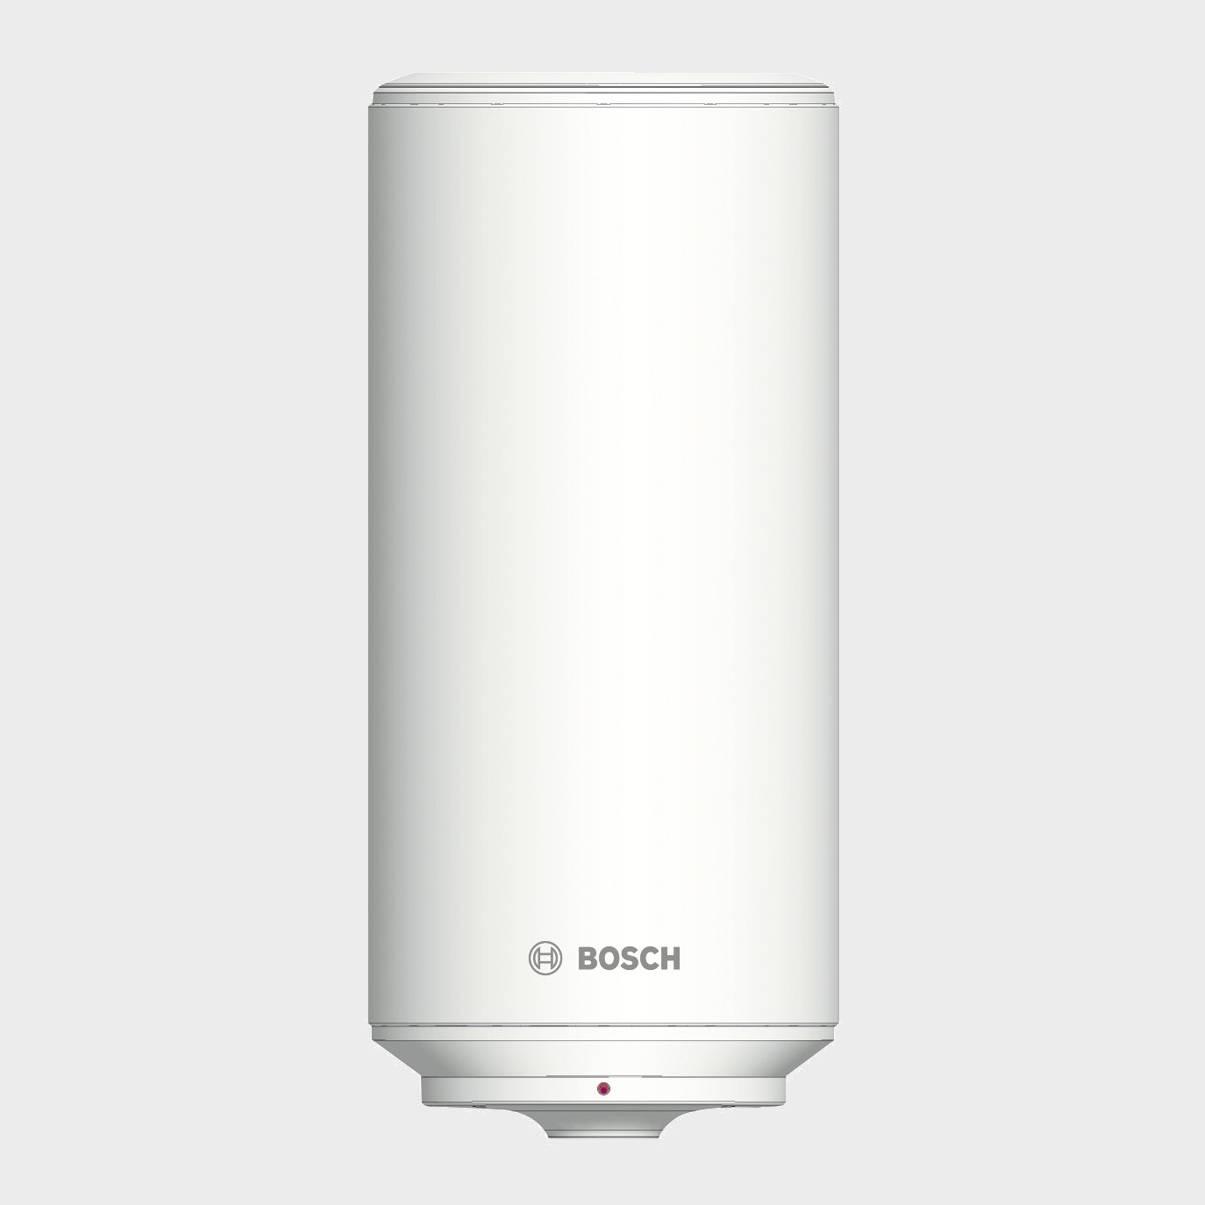 Termo bosch es080 6 slim 80l 3356 - Termo electrico 80l ...